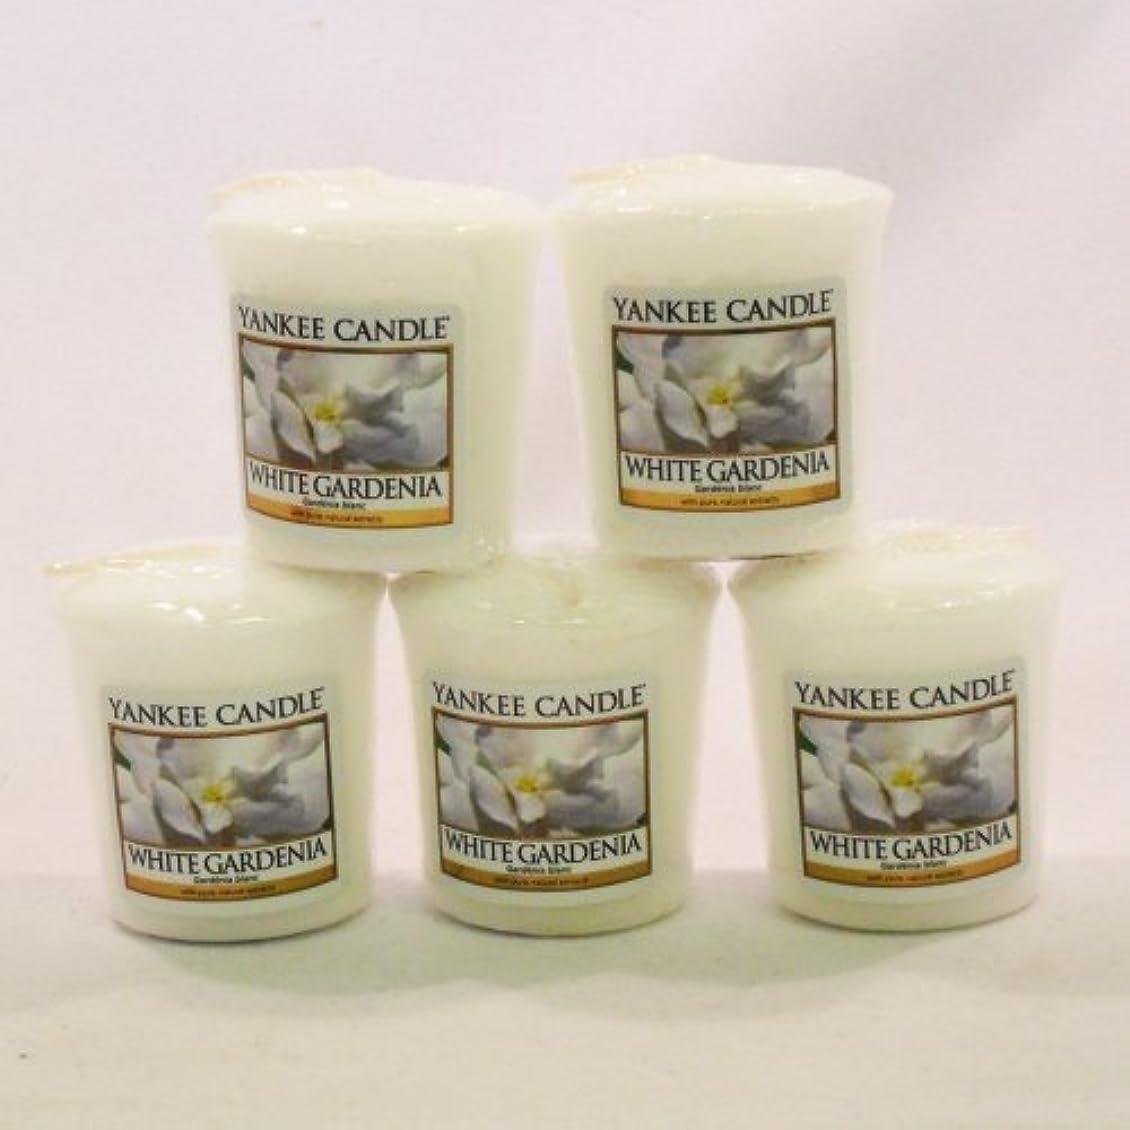 アソシエイトテストペニーYankee Candleサンプラーvotives-yankee Candle – 5 xホワイトGardenia Votive Samplers – 新しい香りfor 2012 。